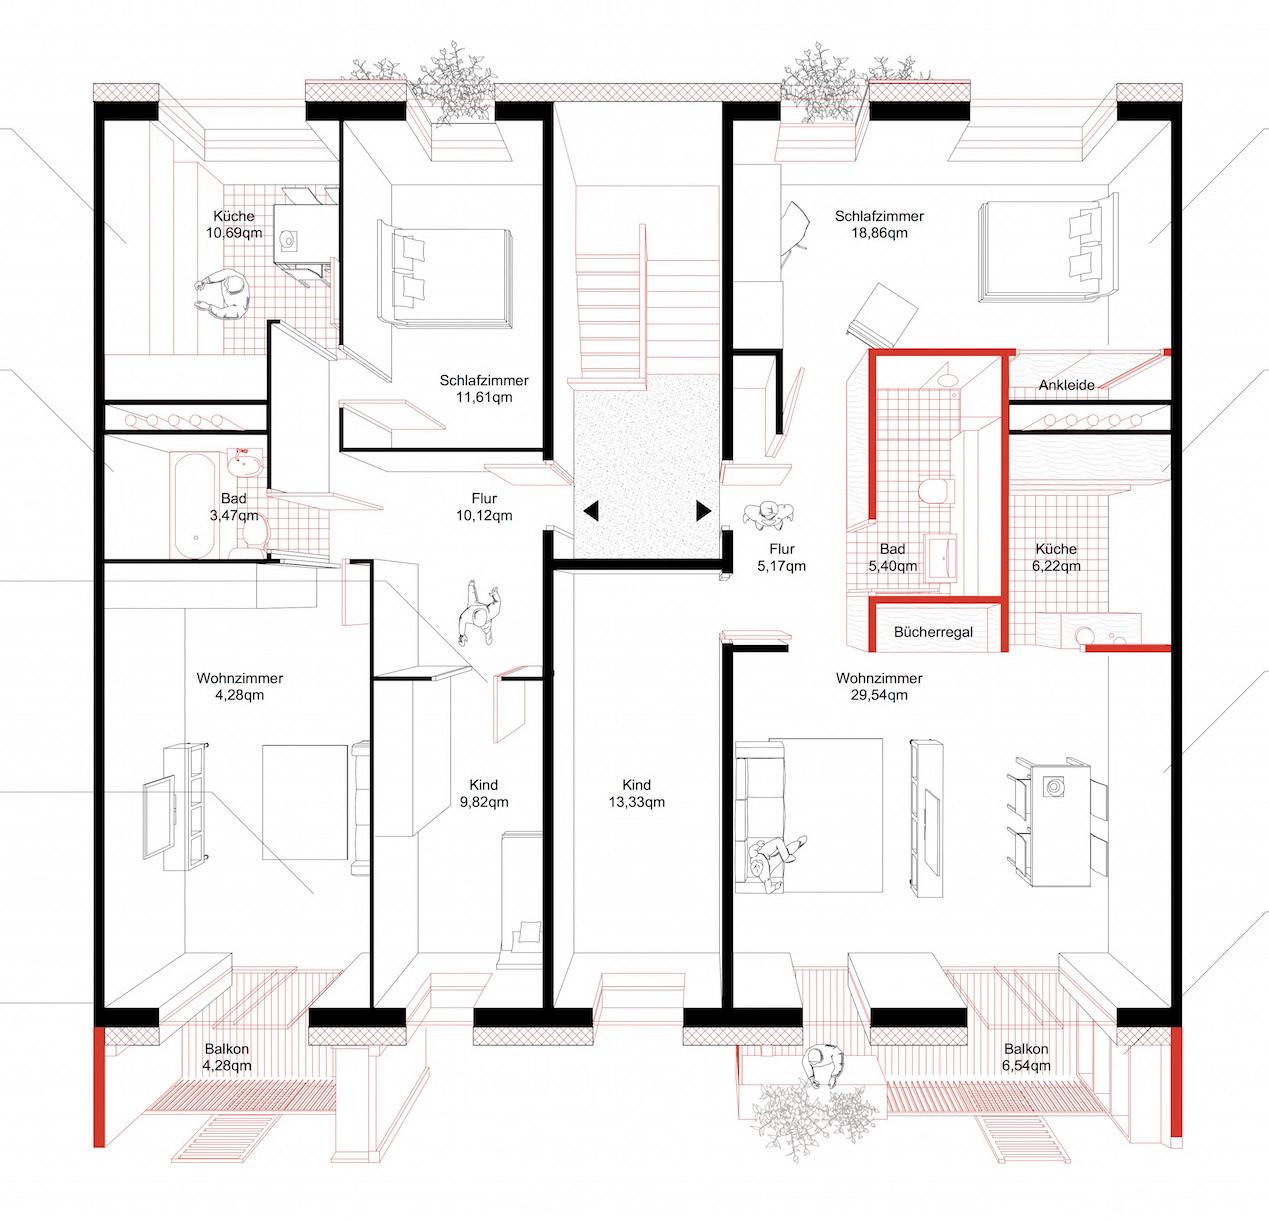 Typologie Wohnung